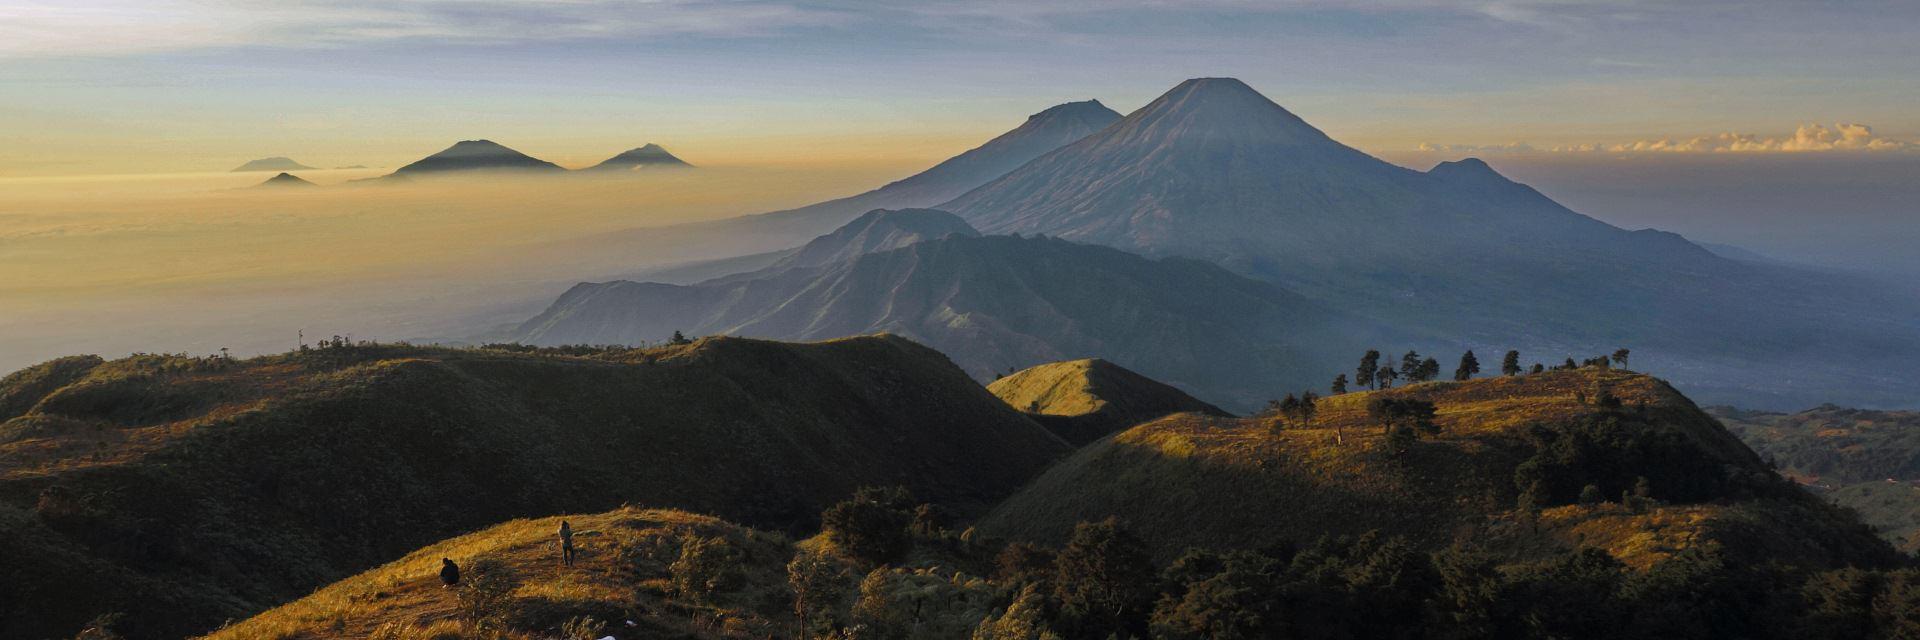 5 Hal Membuat Gunung Prau Cocok Untuk Pendaki Pemula 5 Hal Membuat Gunung Prau Cocok Untuk Pendaki Pemula - Dolan Dolen